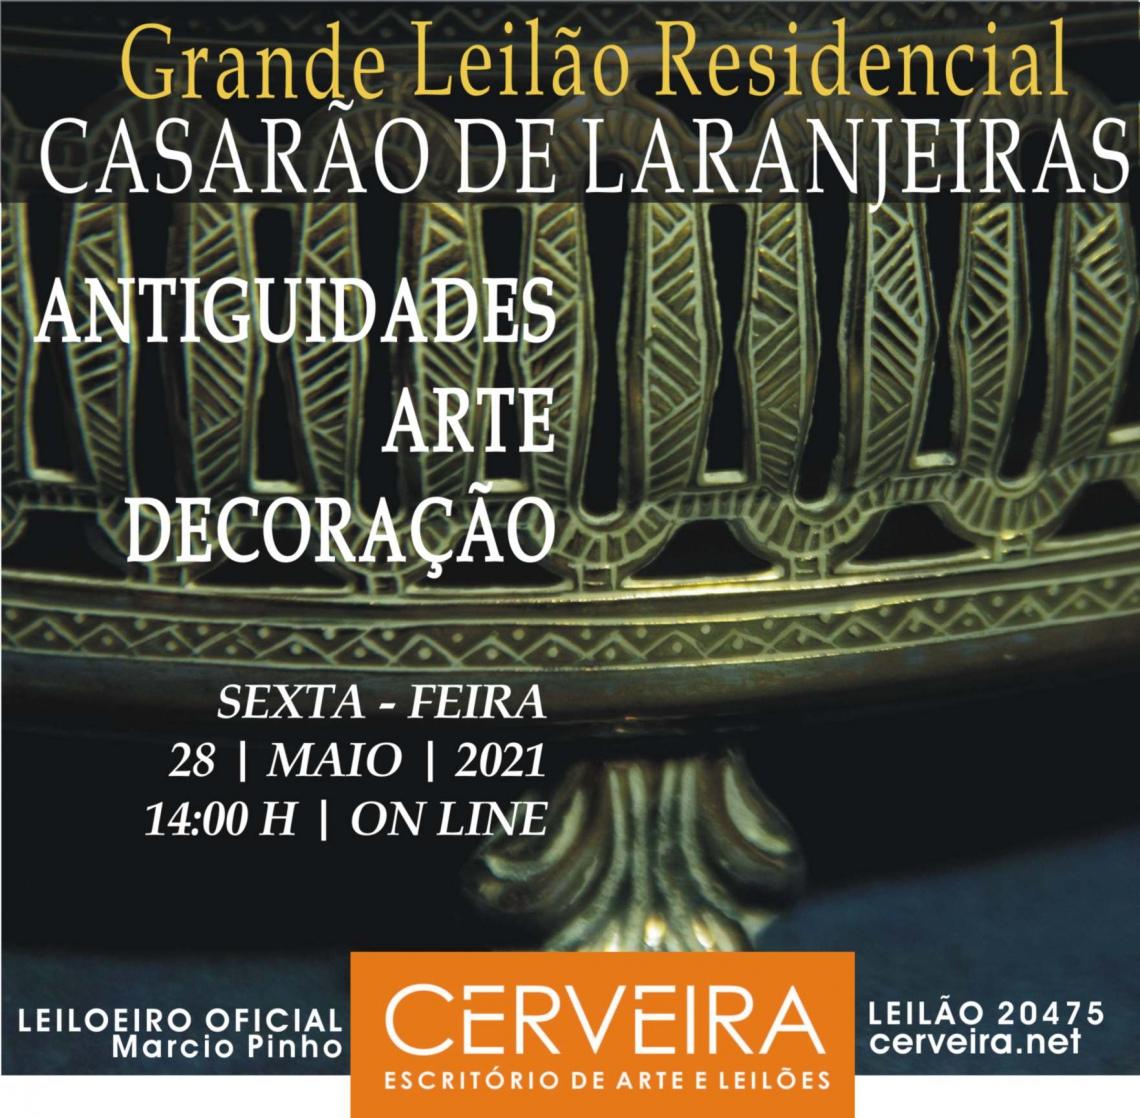 GRANDE LEILÃO RESIDENCIAL CASARÃO DE LARANJEIRAS - ANTIGUIDADES   ARTE   DECORAÇÃO